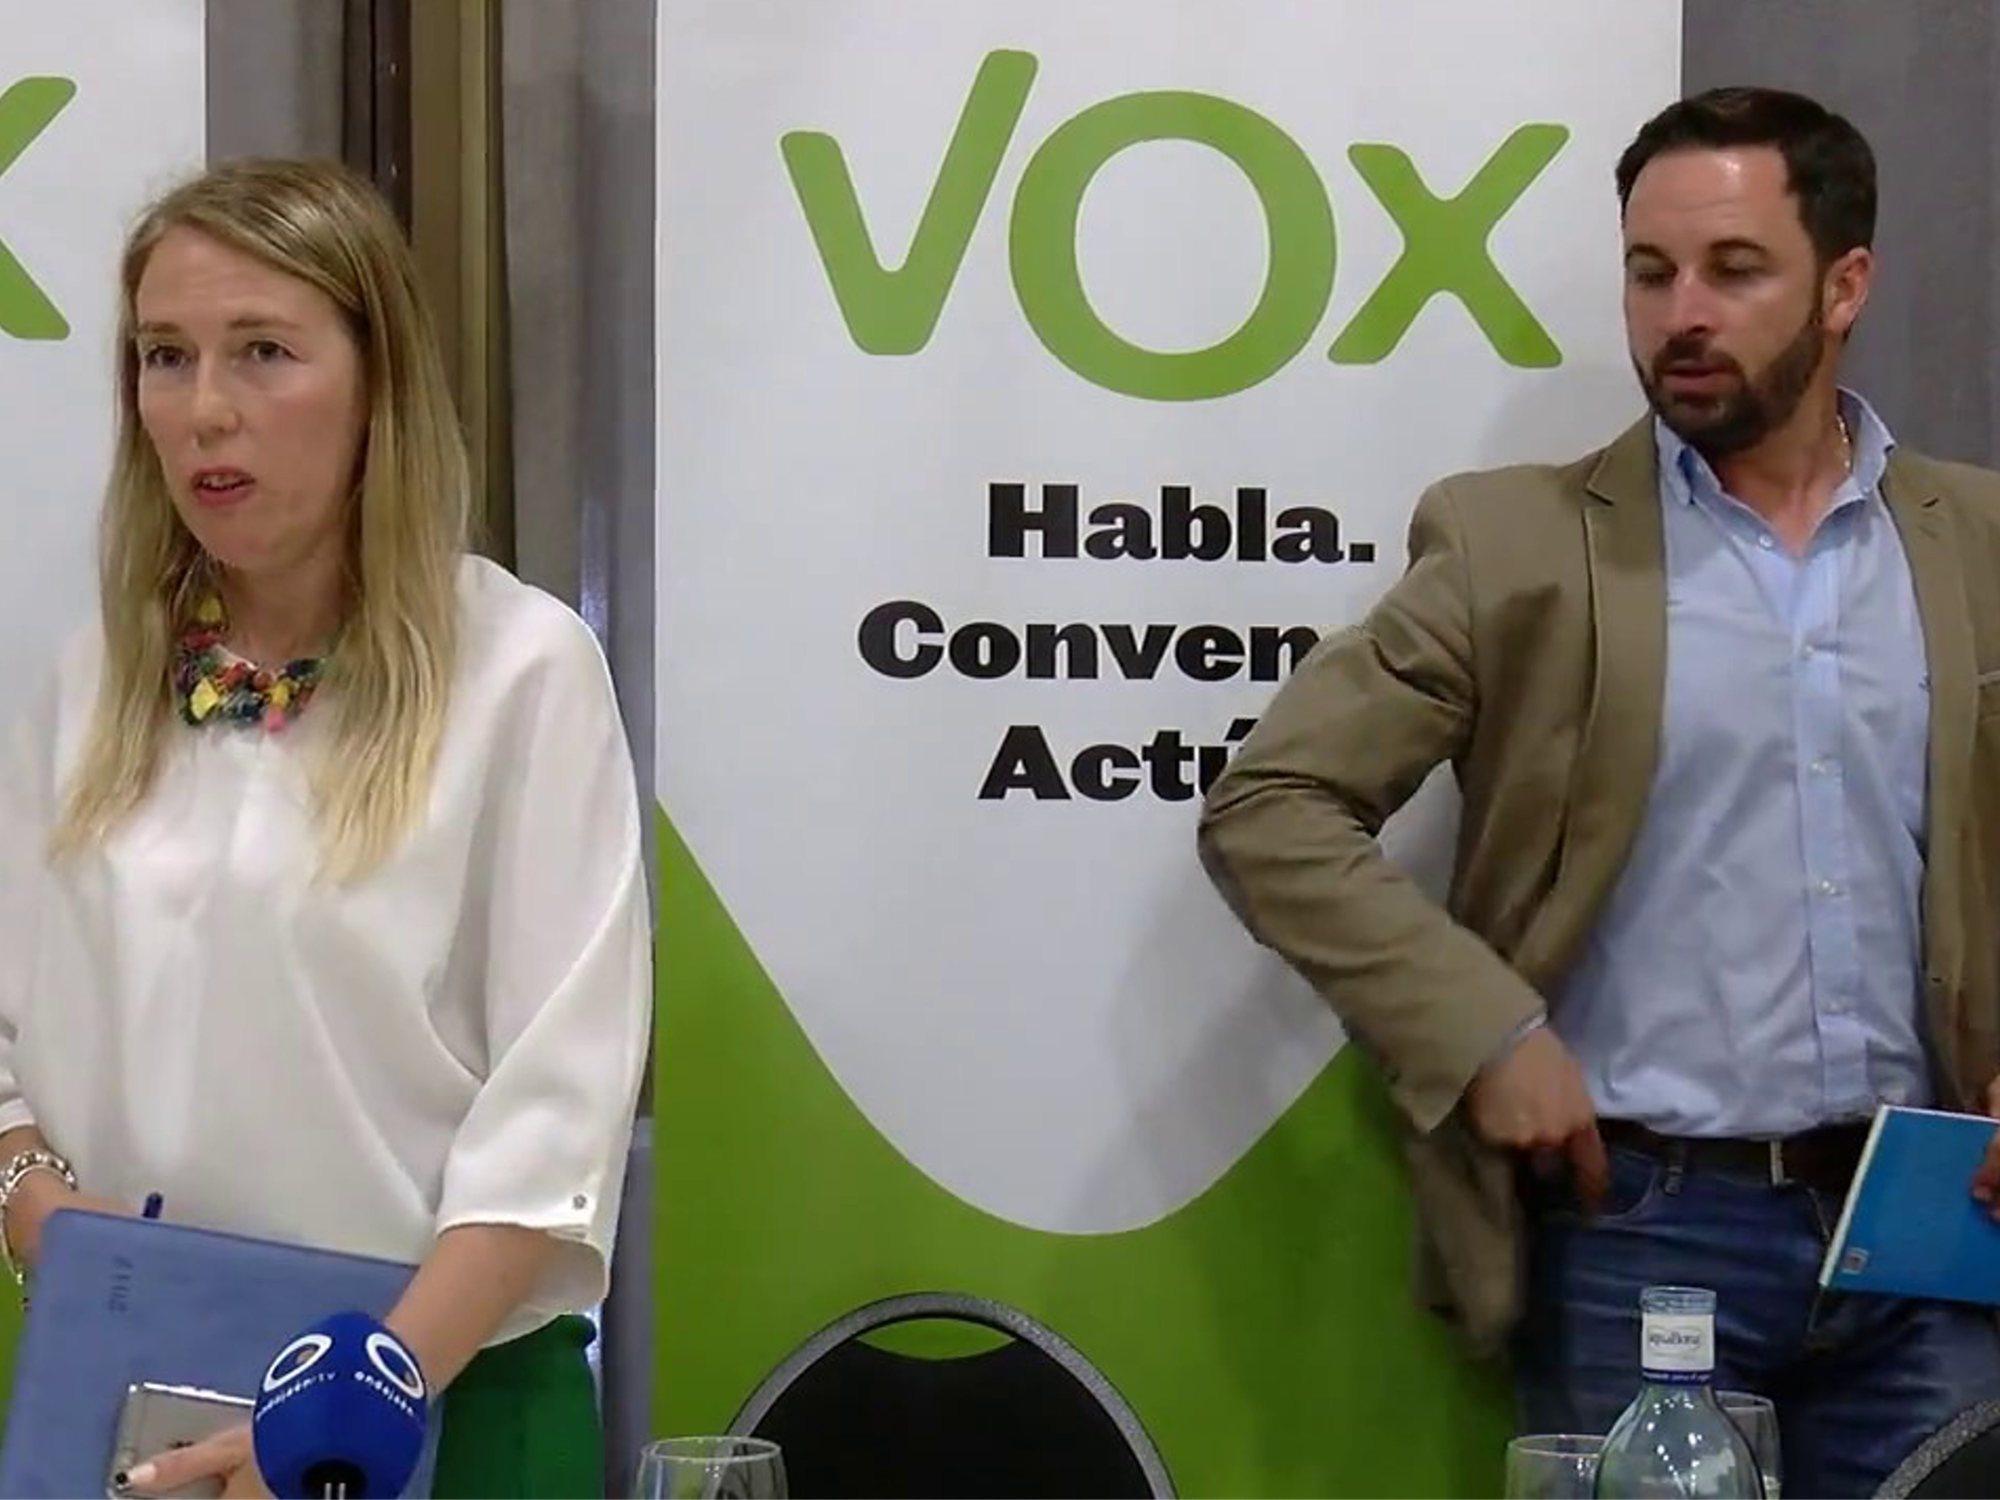 La candidata electa de VOX a la Alcaldía de Jaén fue detenida por robar 700 euros en un supermercado